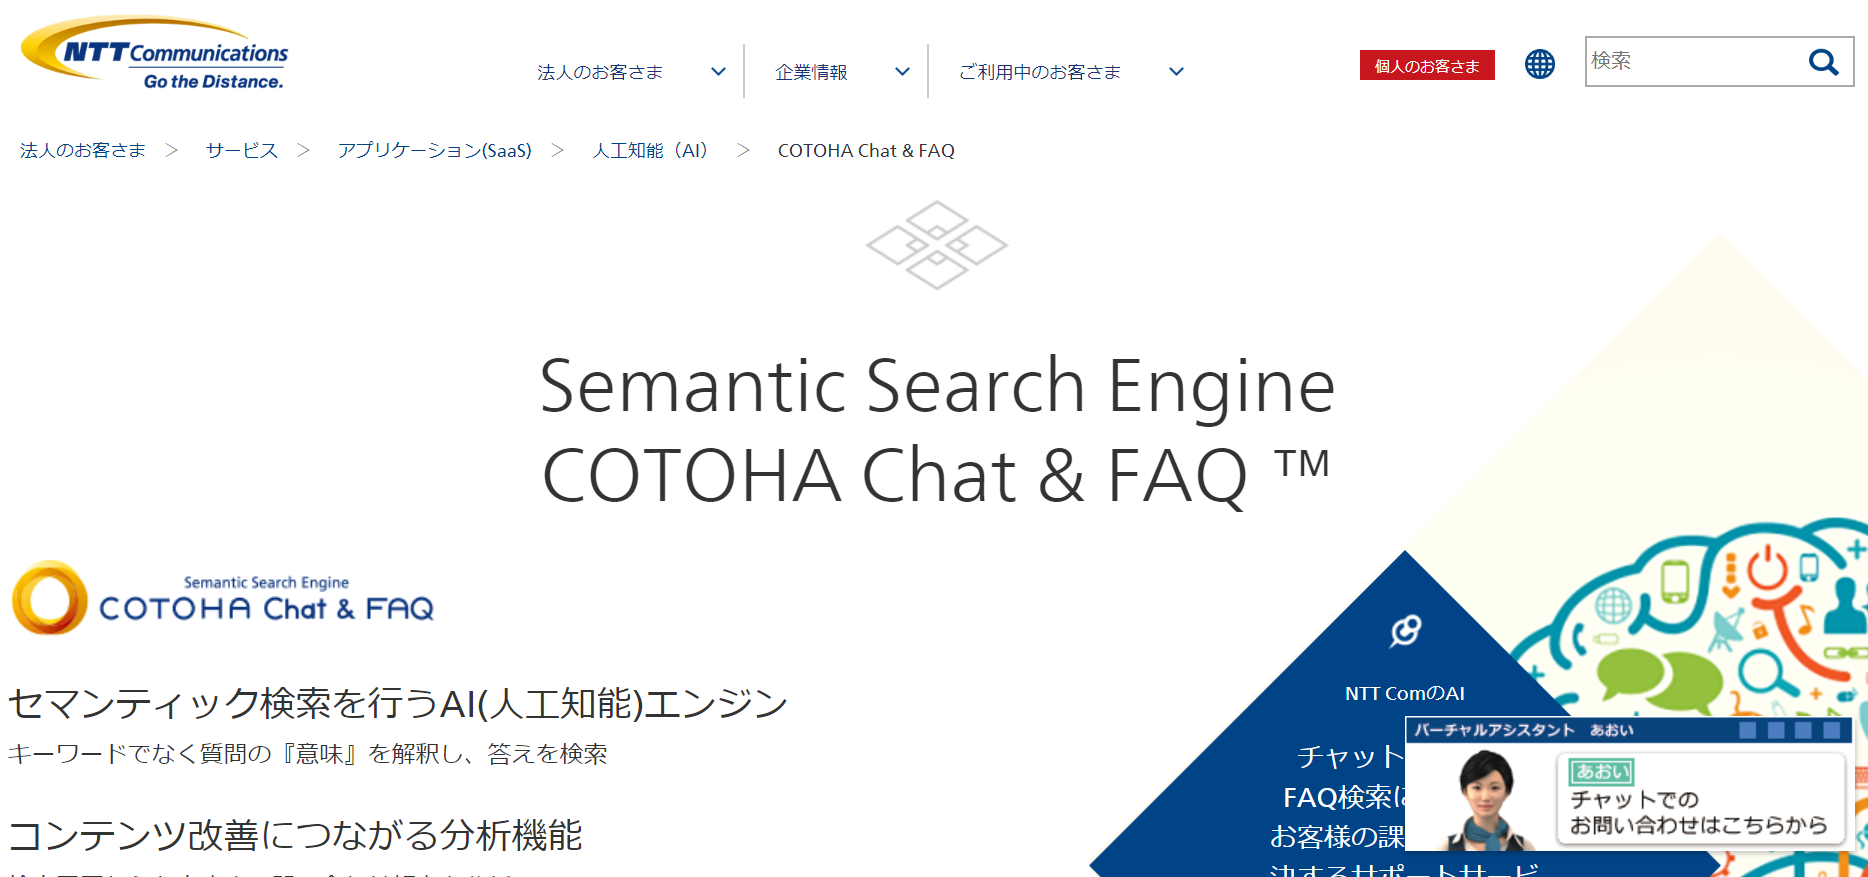 COTOHA Chat&FAQ公式Webサイト